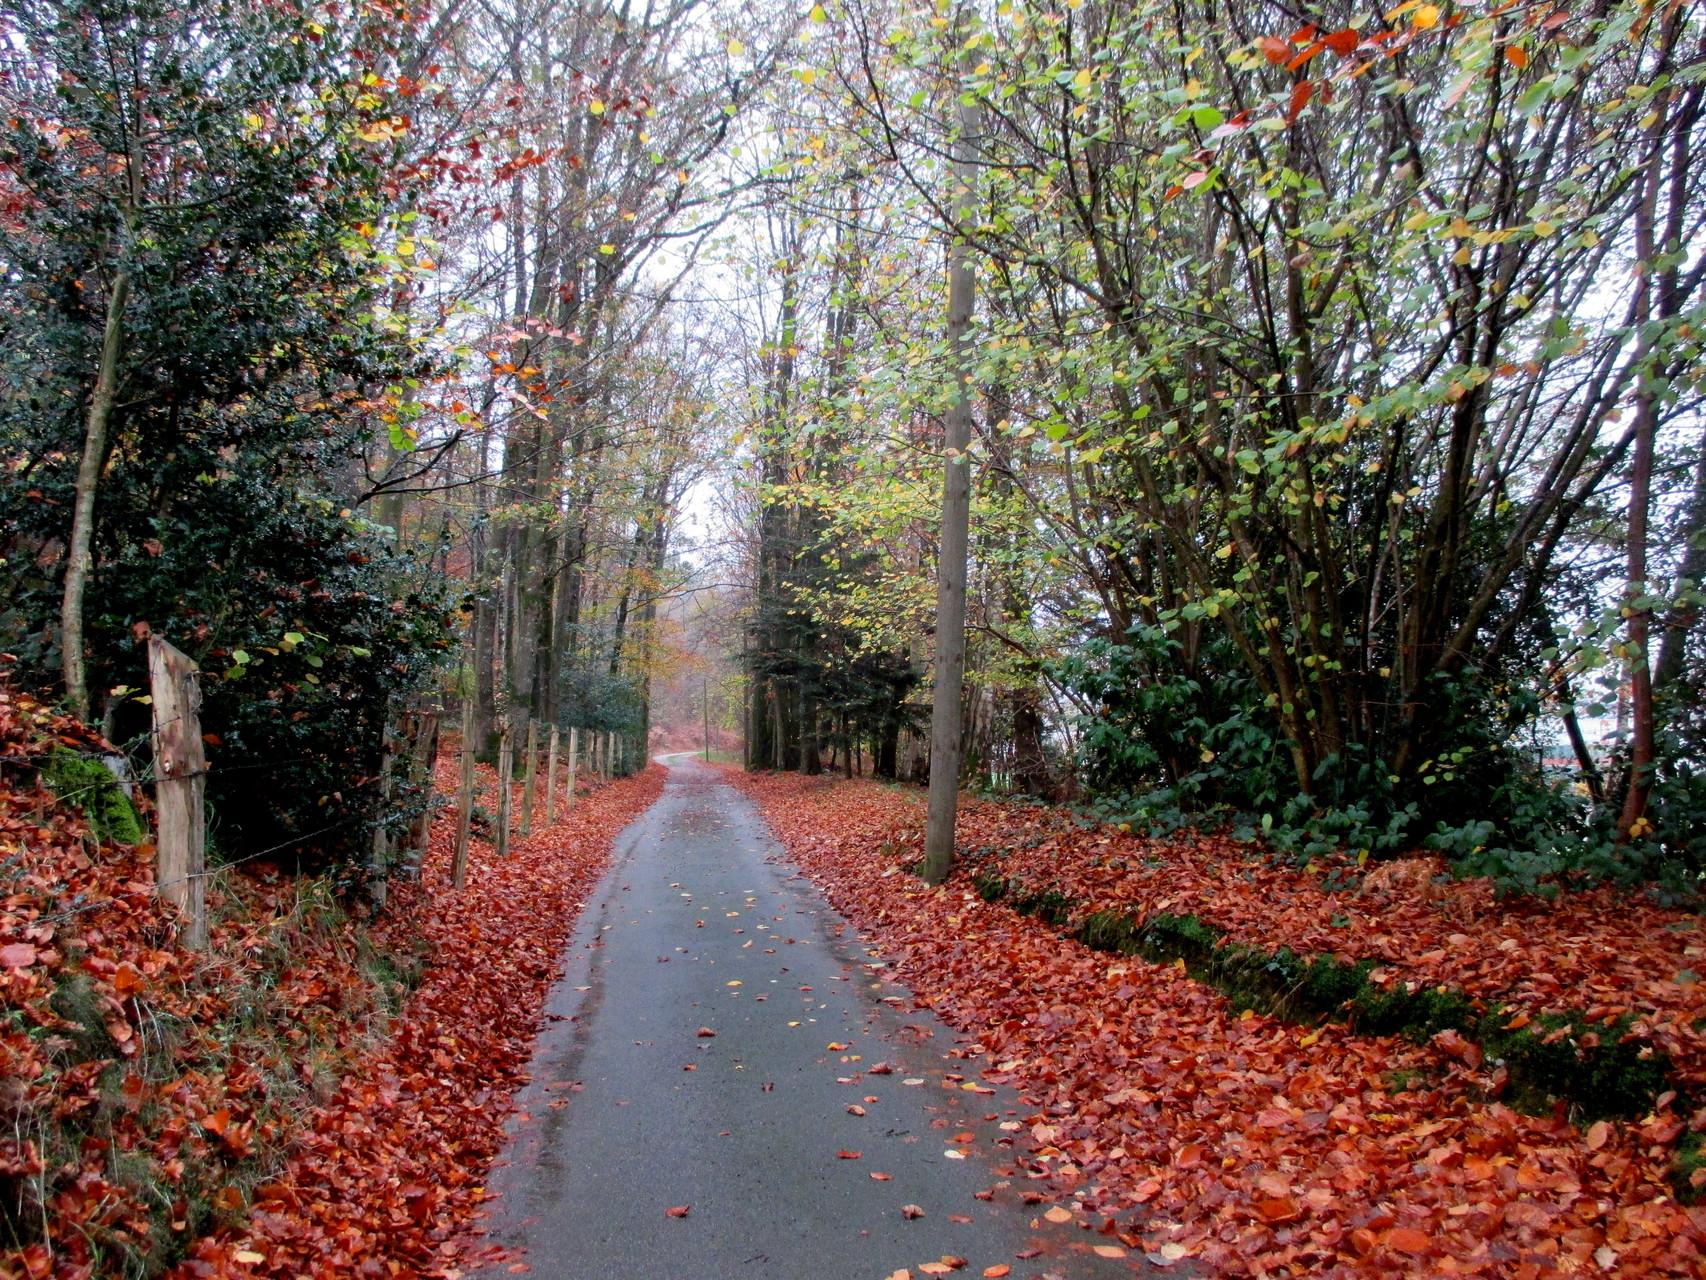 Départ pour une petite heure de marche, ciel couvert, petite pluie... normande